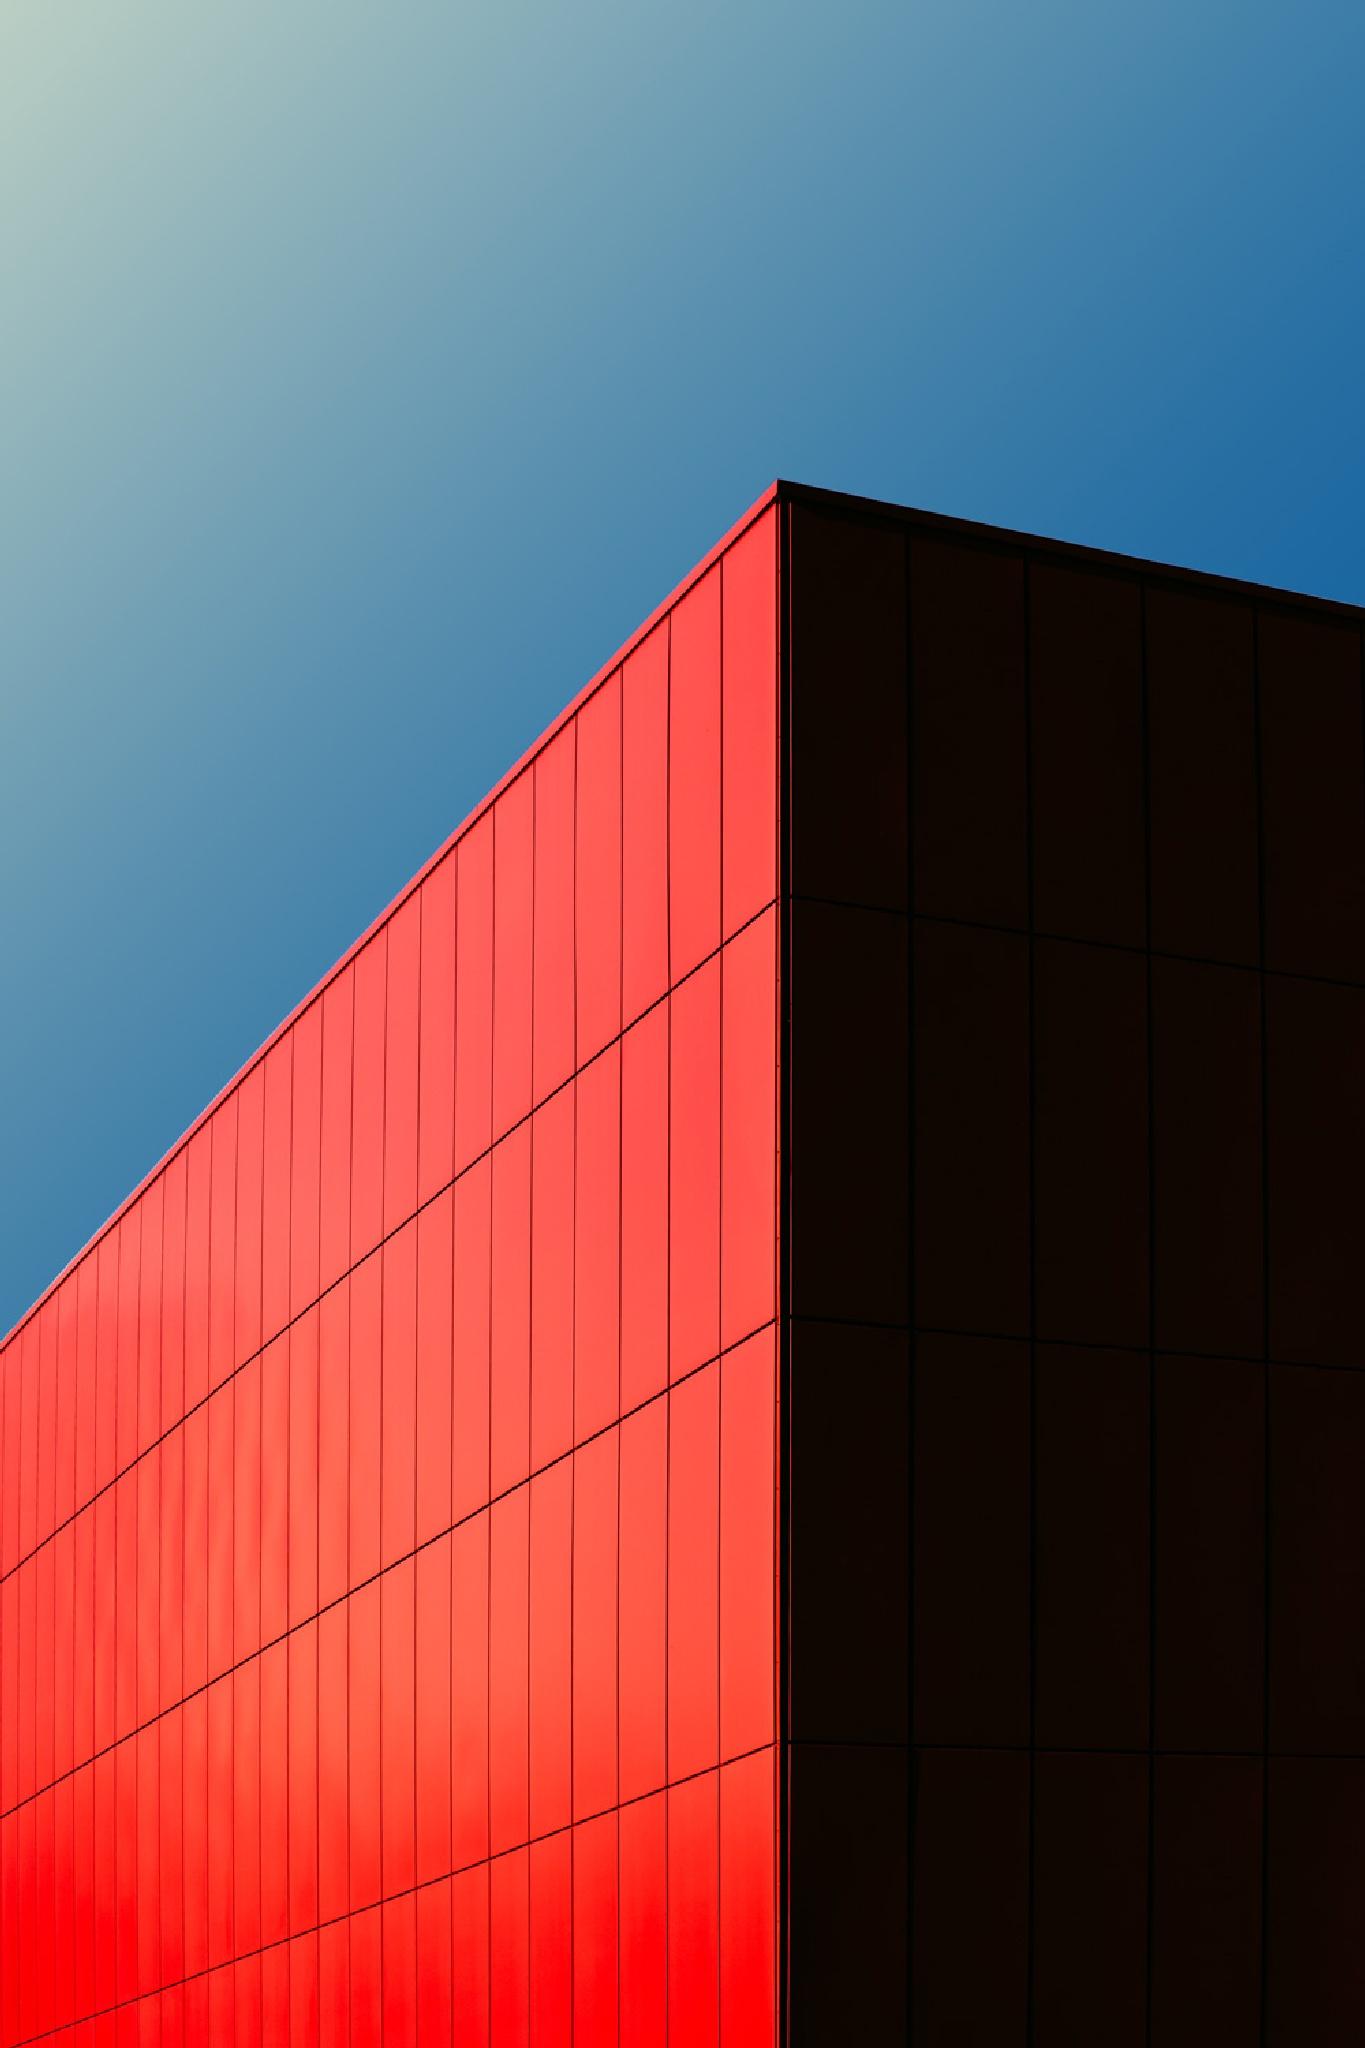 Red Cube by Tomáš Hudolin